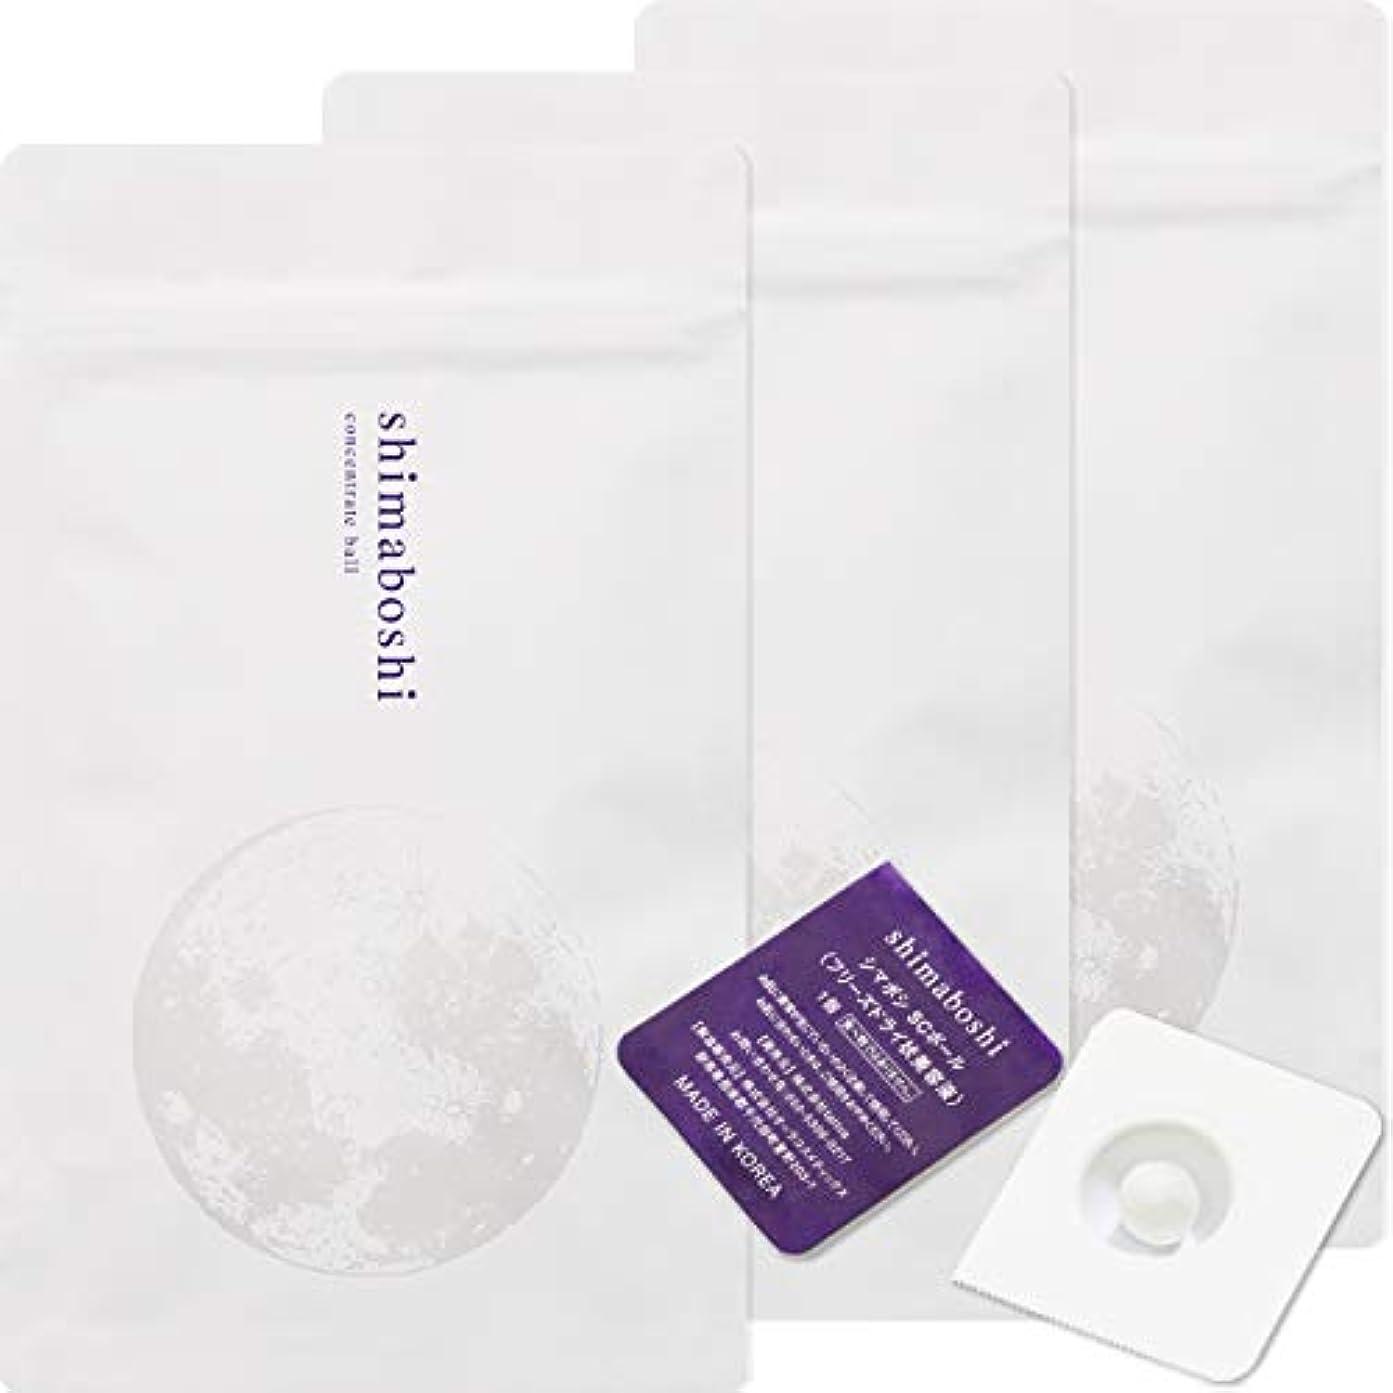 ケープどこにでもアクセルシマボシ shimaboshi コンセントレートボール 3袋セット 美容液 美白 エイジング ケア コラーゲン 美肌